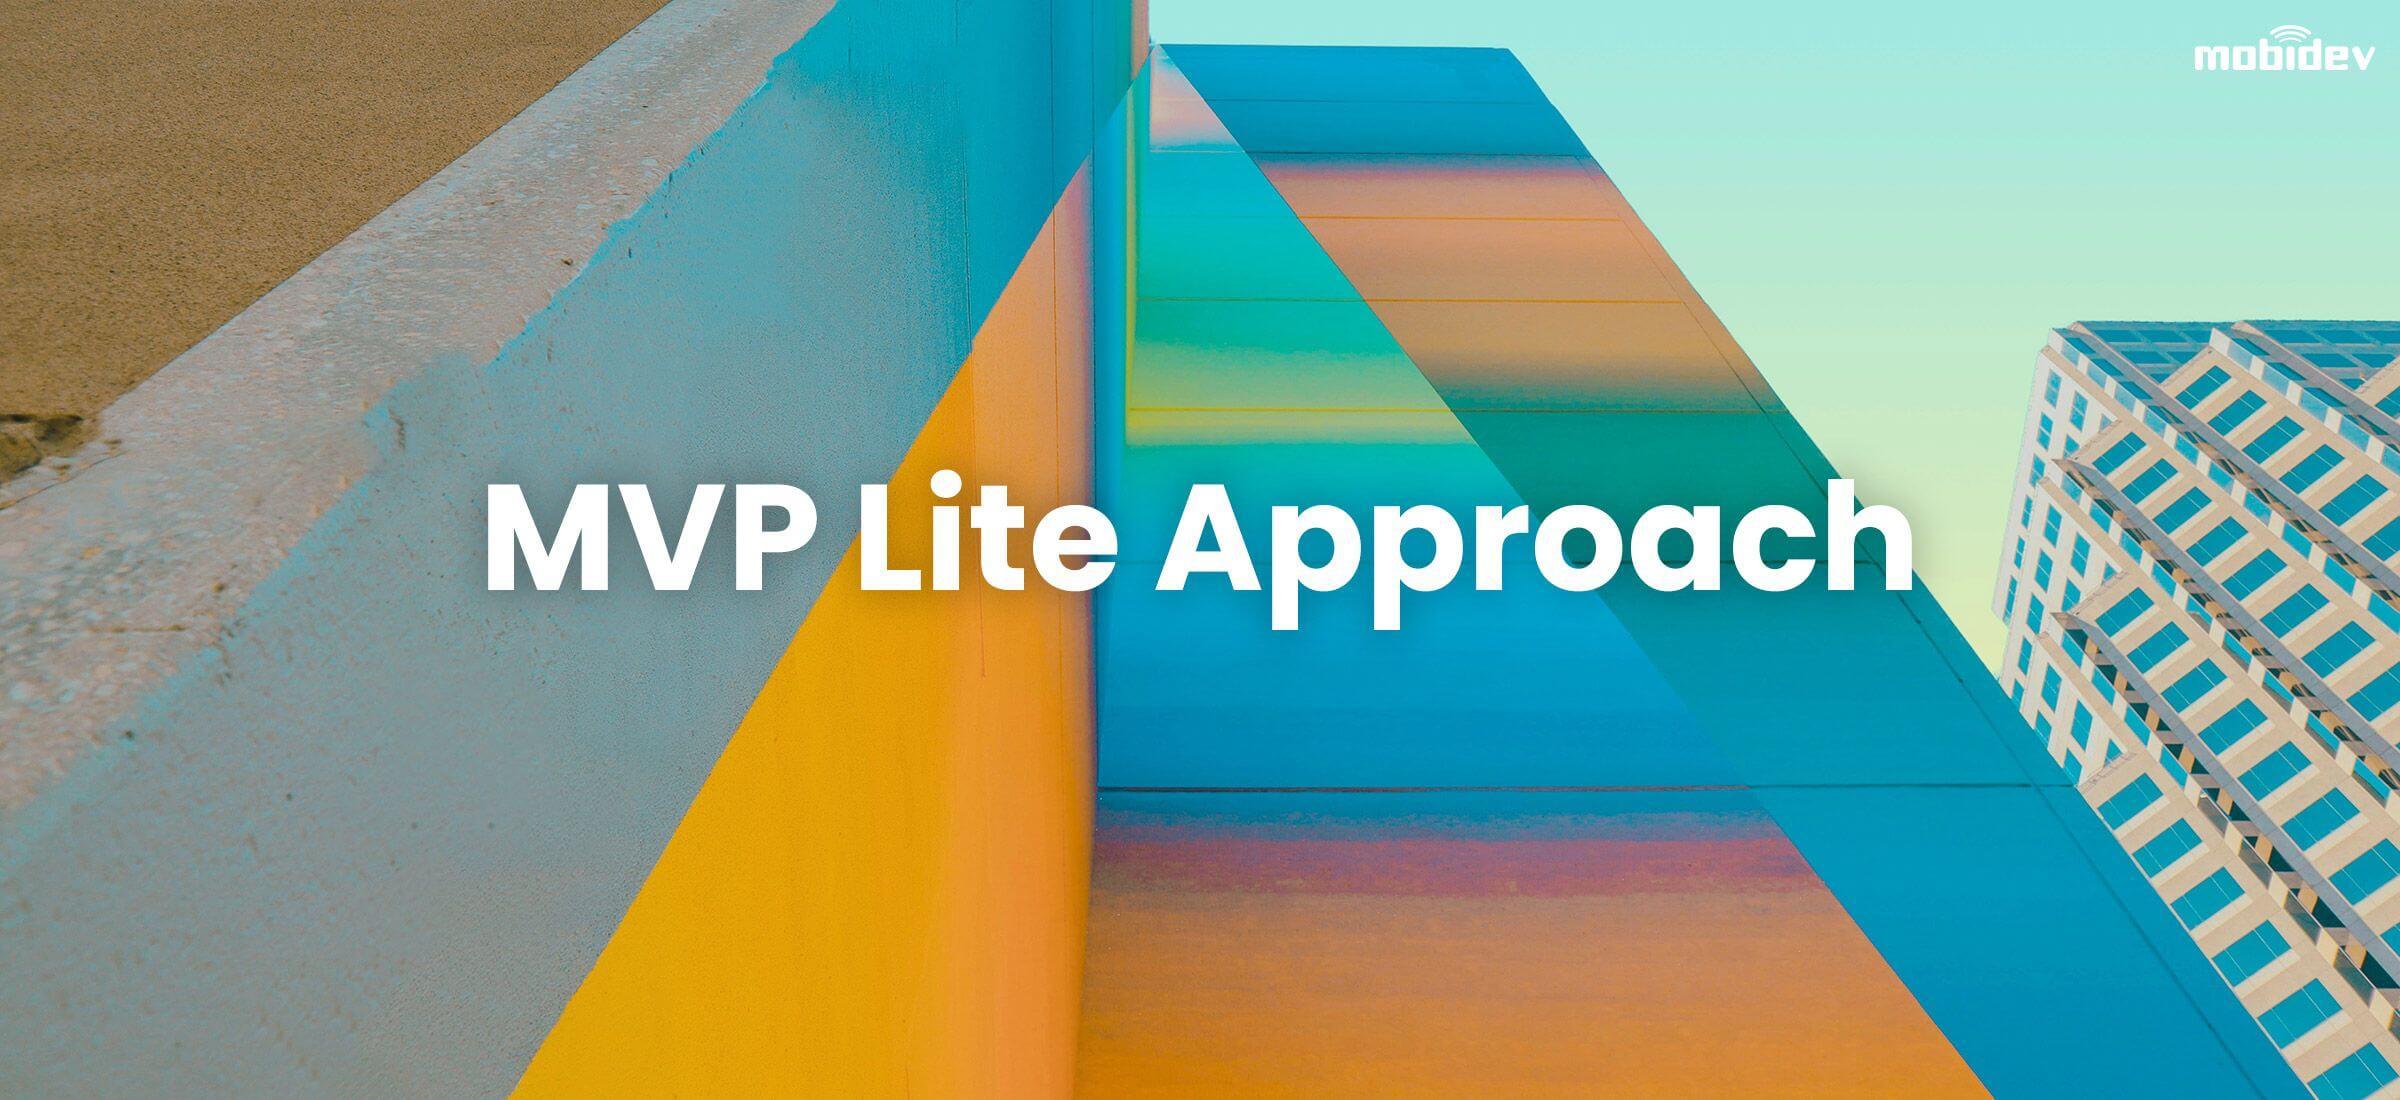 MVP Lite Approach to Software Development